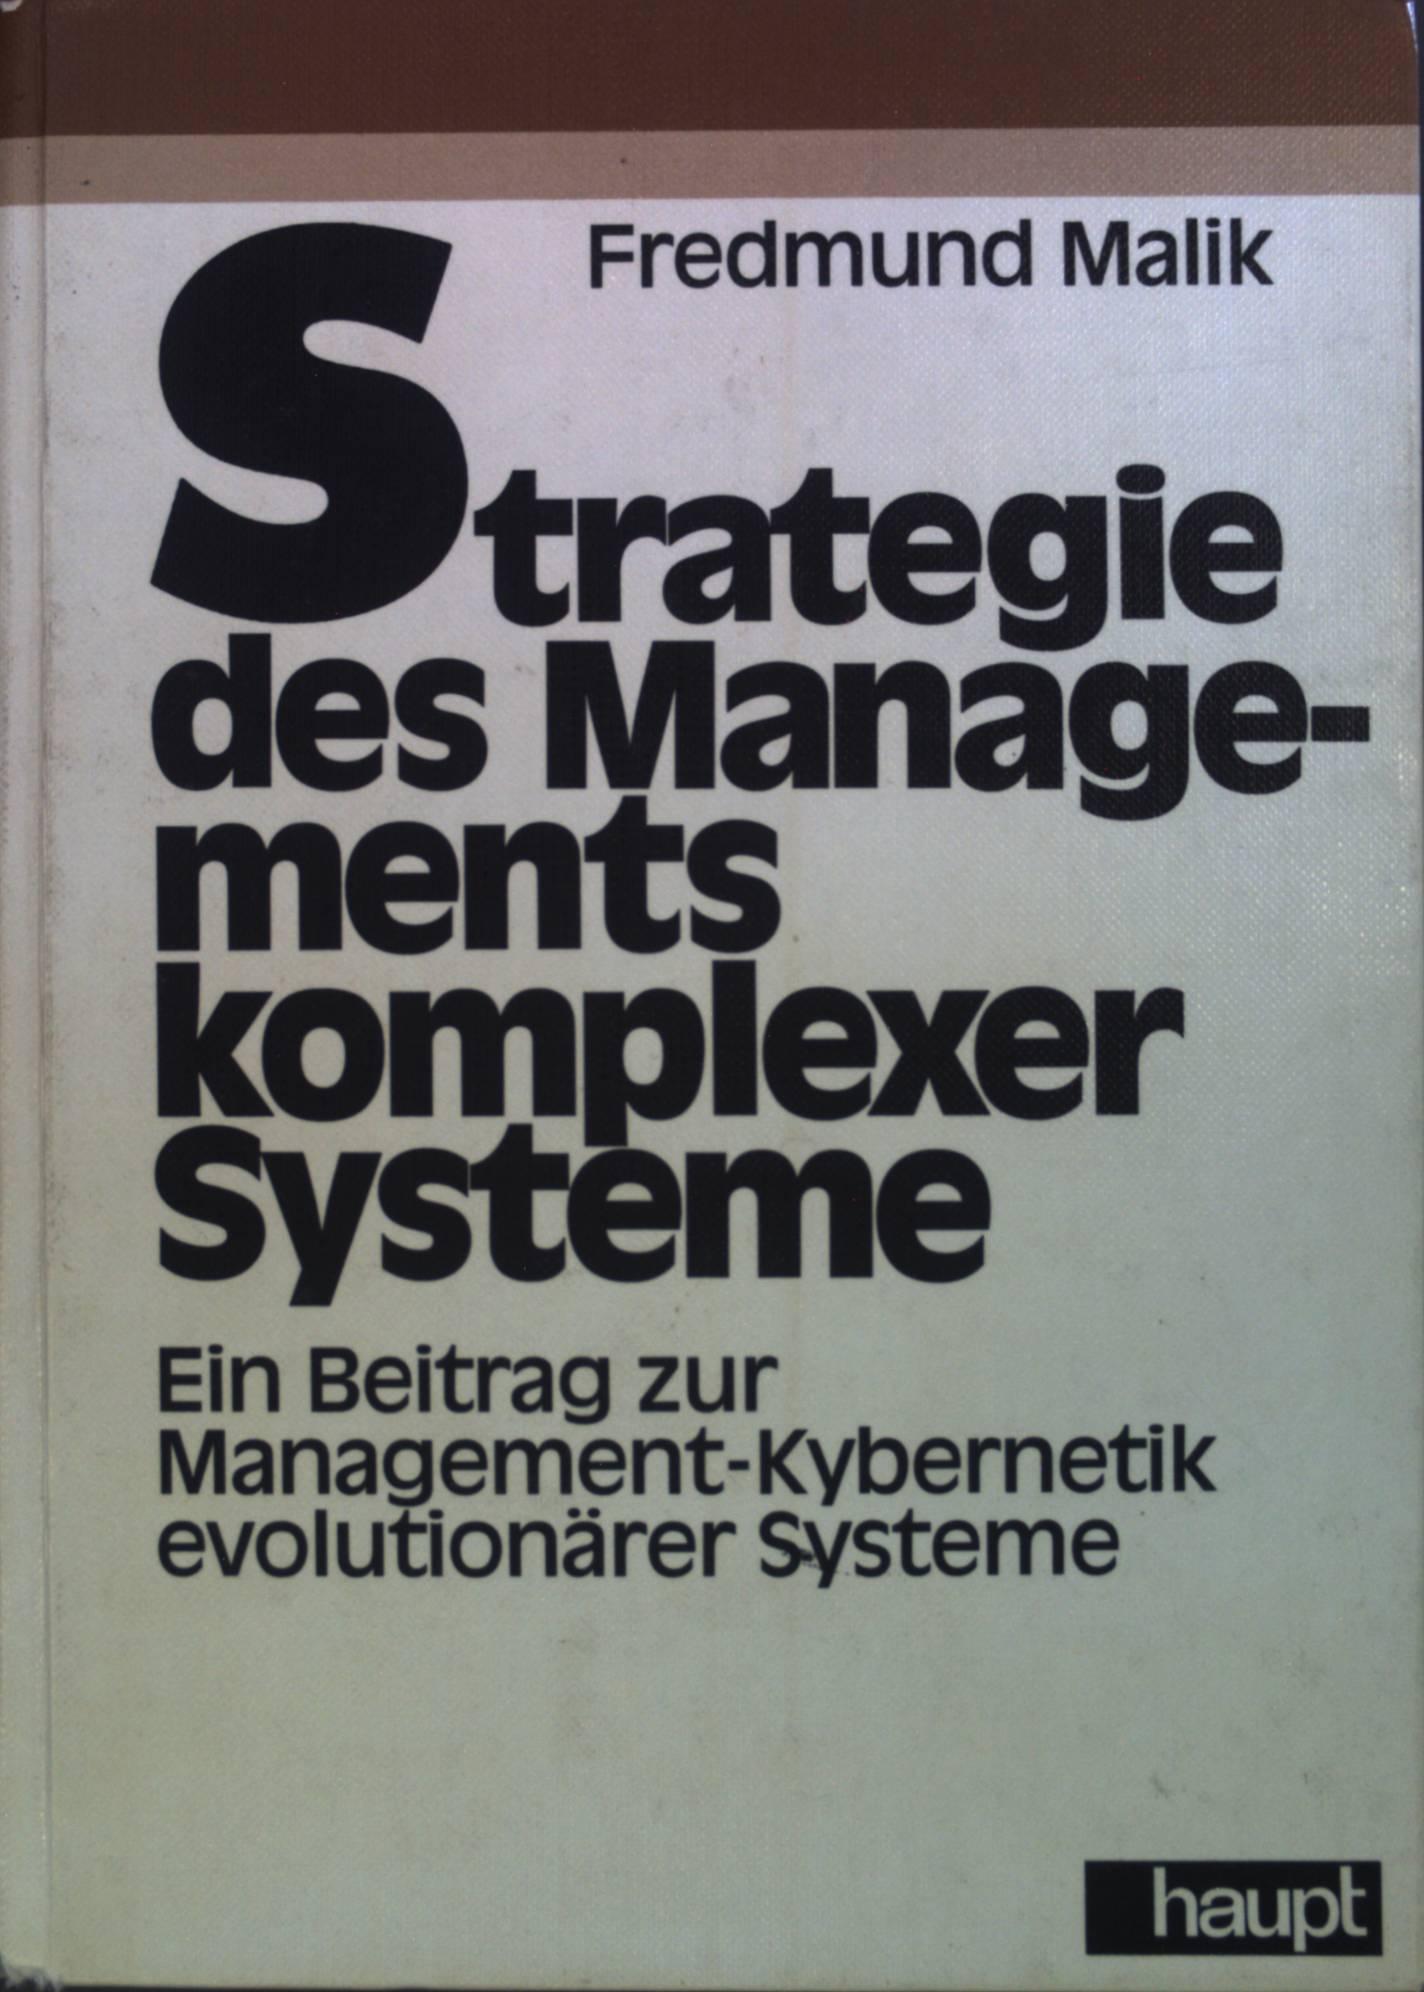 Strategie des Managements komplexer Systeme : e.: Malik, Fredmund: